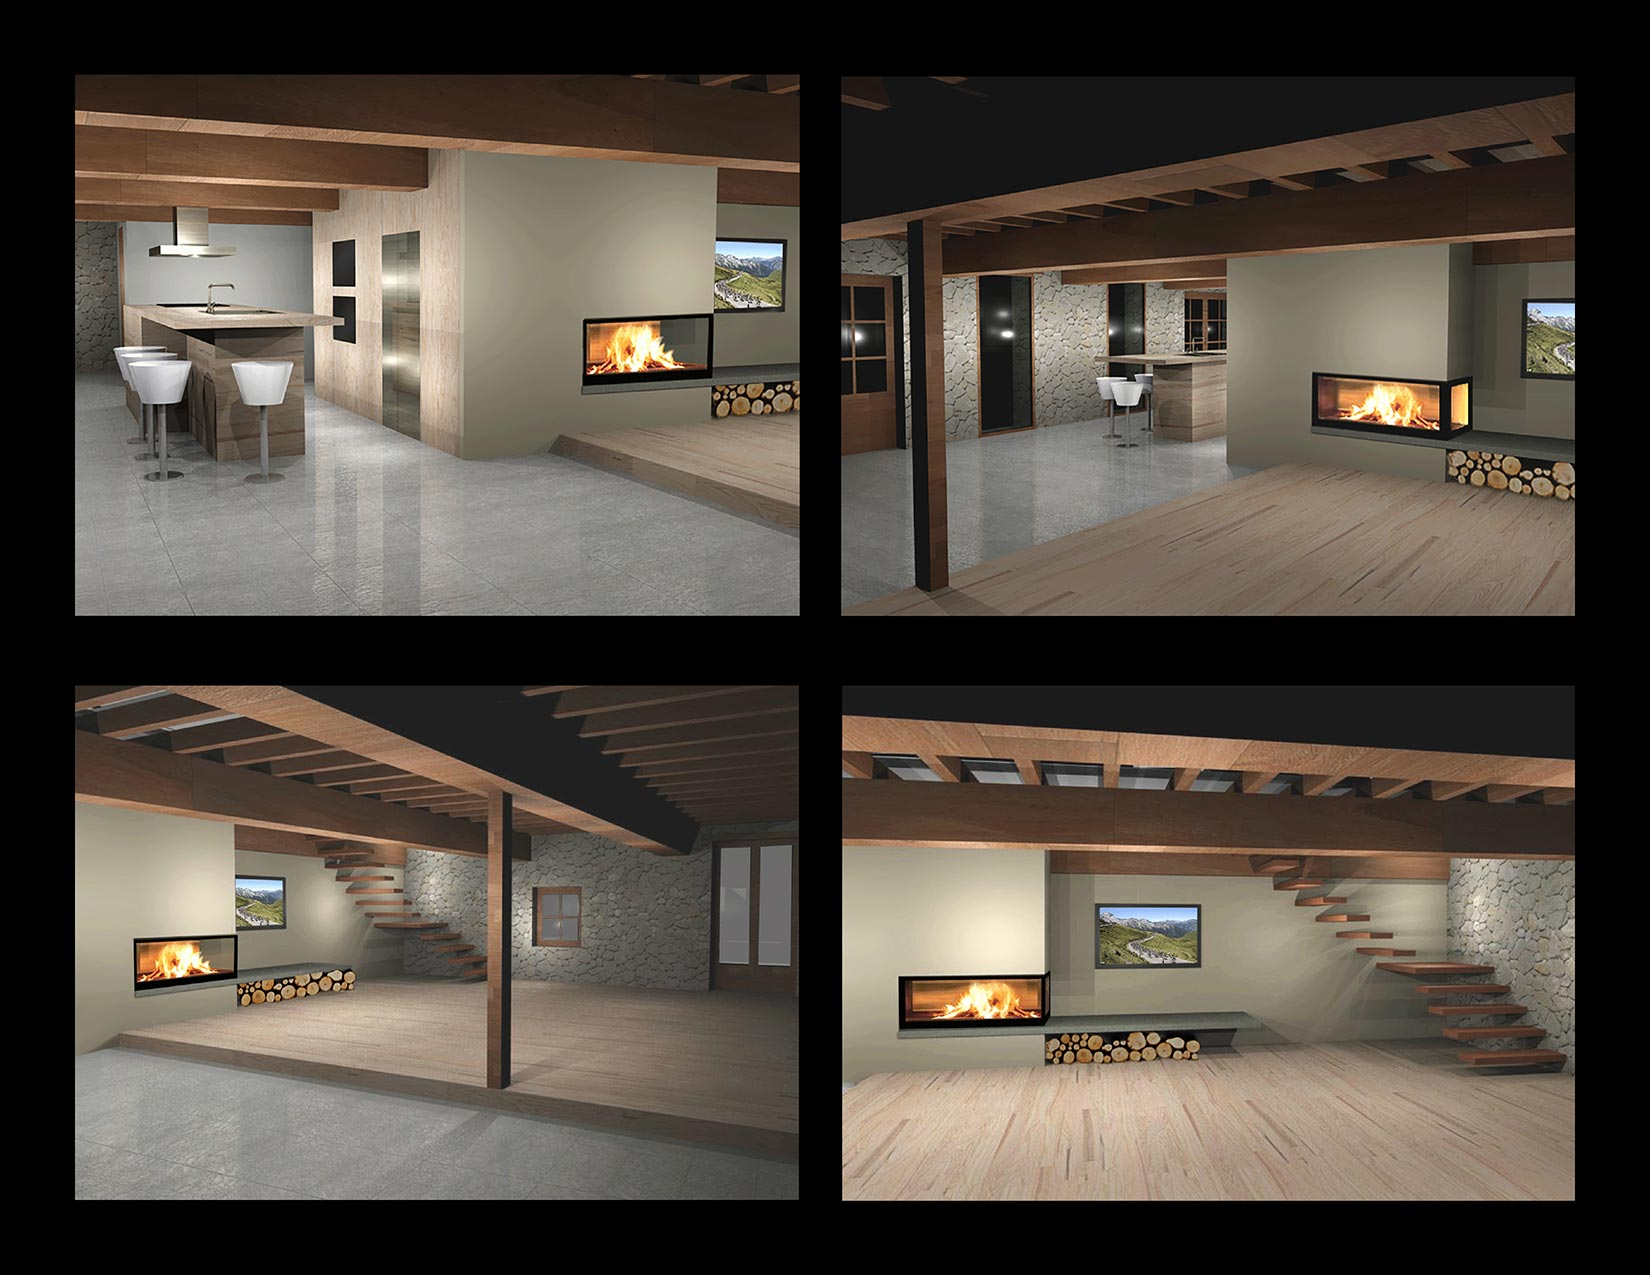 architecte-d-interieur-idalstudio-conception-3d-carcassonne-aude-projet-residentiel-cuisine-salon